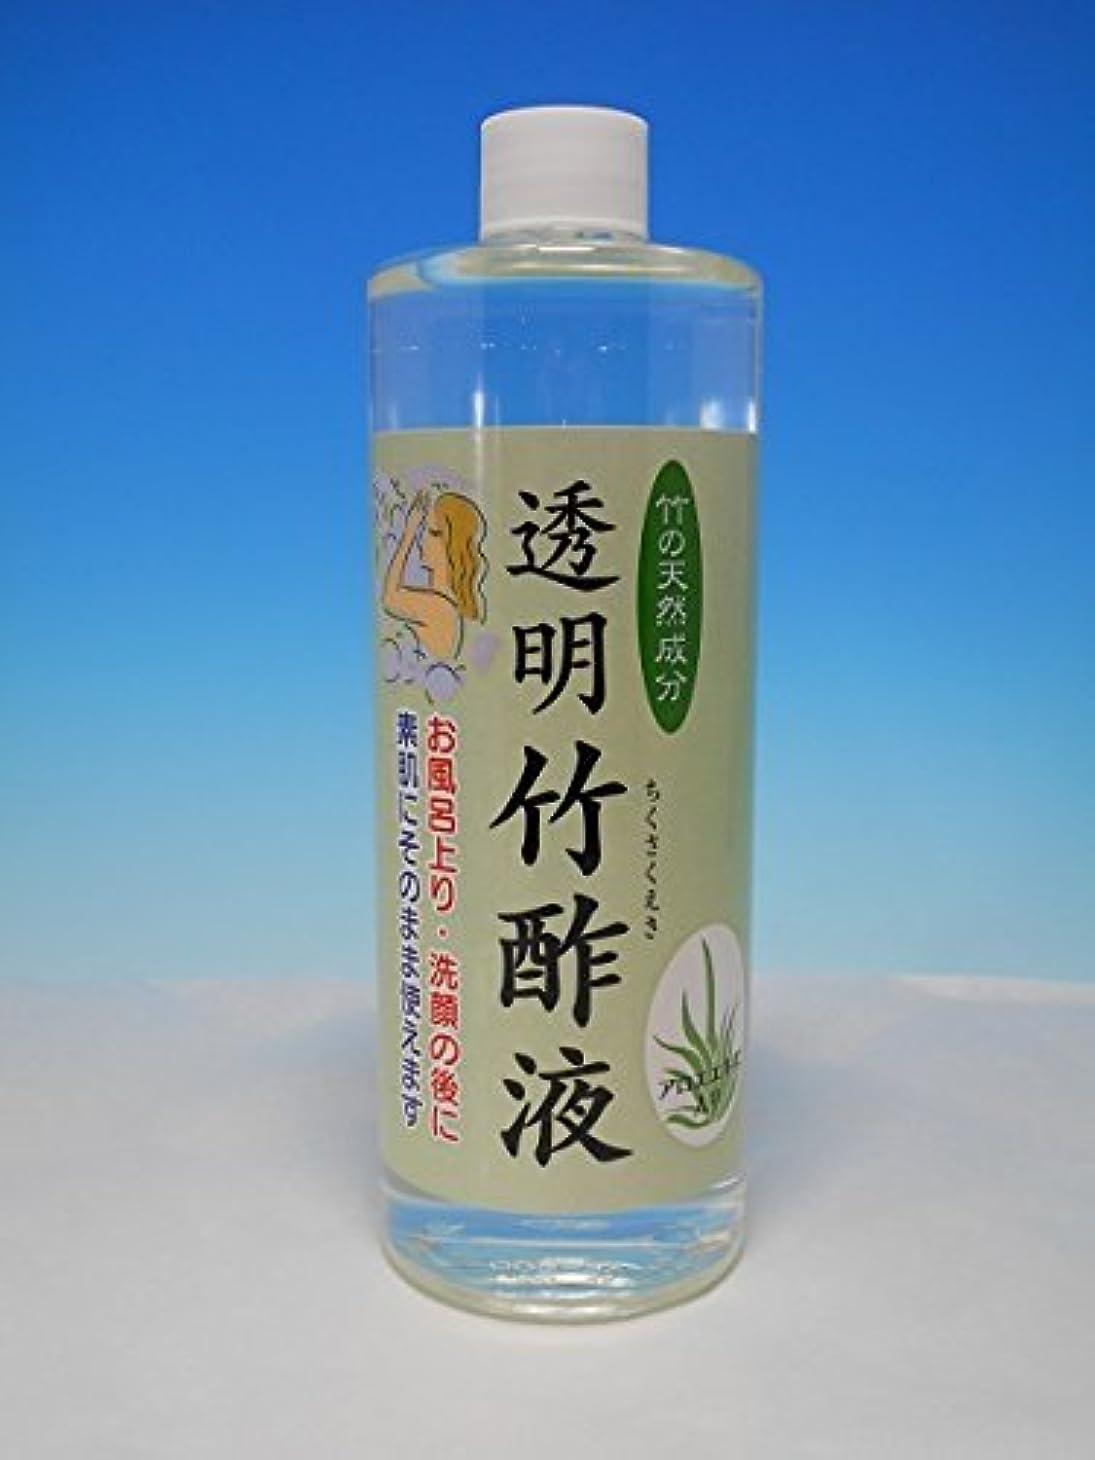 説得力のあるダメージ静かに透明竹酢液 500ml 素肌に使える化粧水タイプの竹酢液